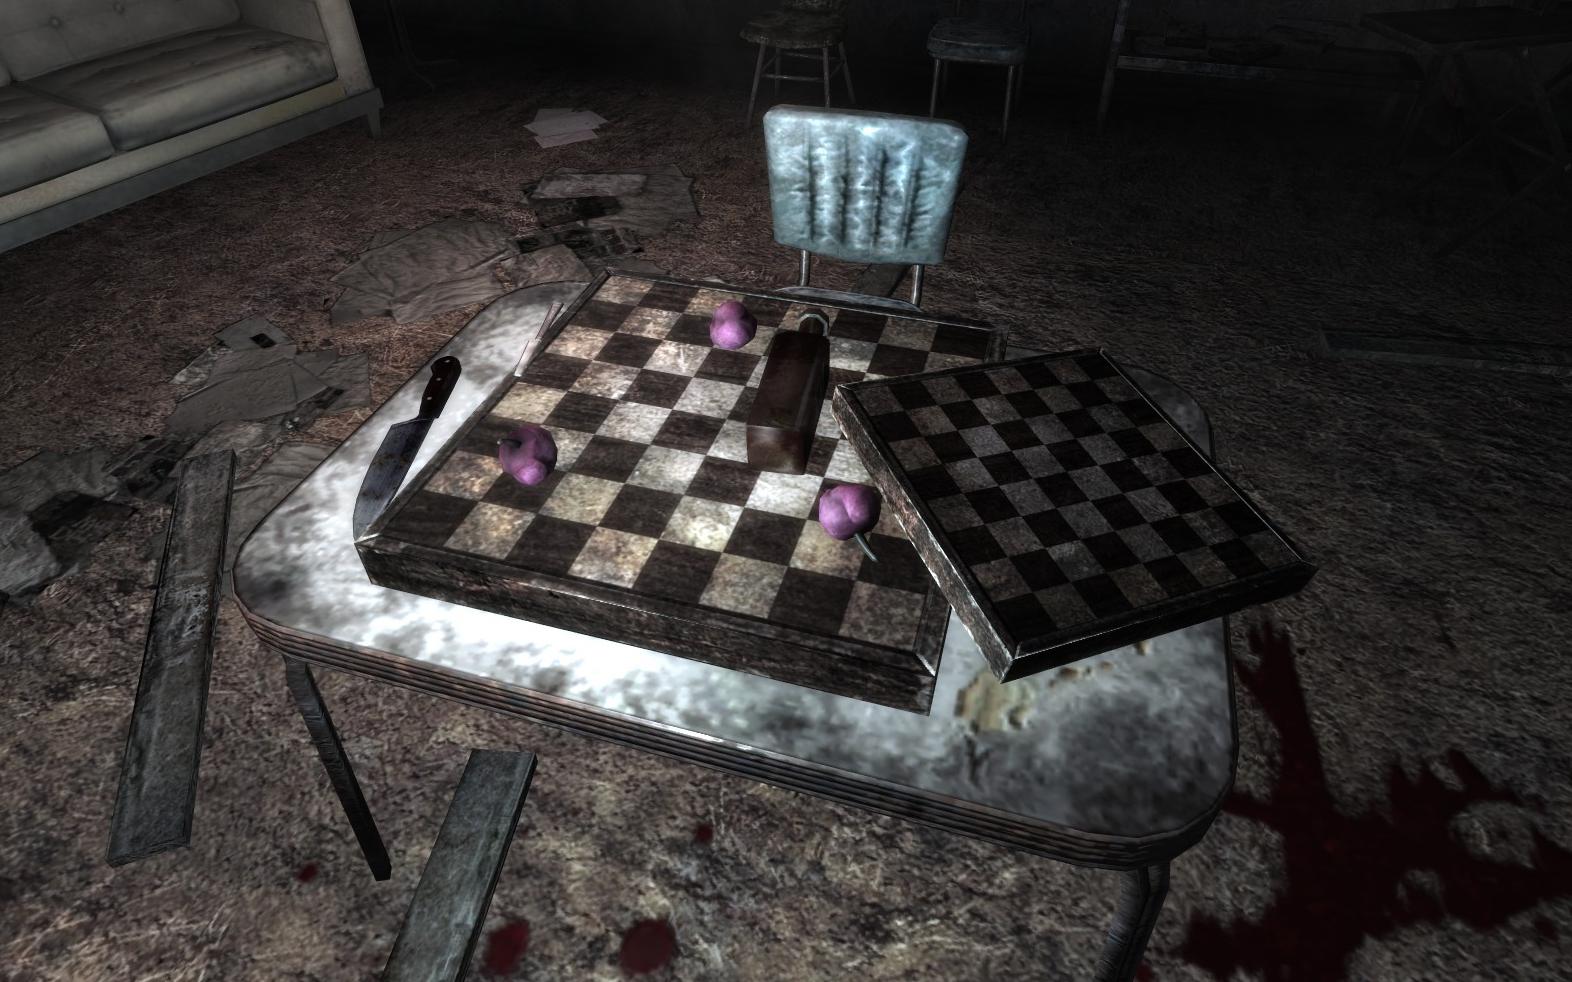 File:Chessboards.jpg